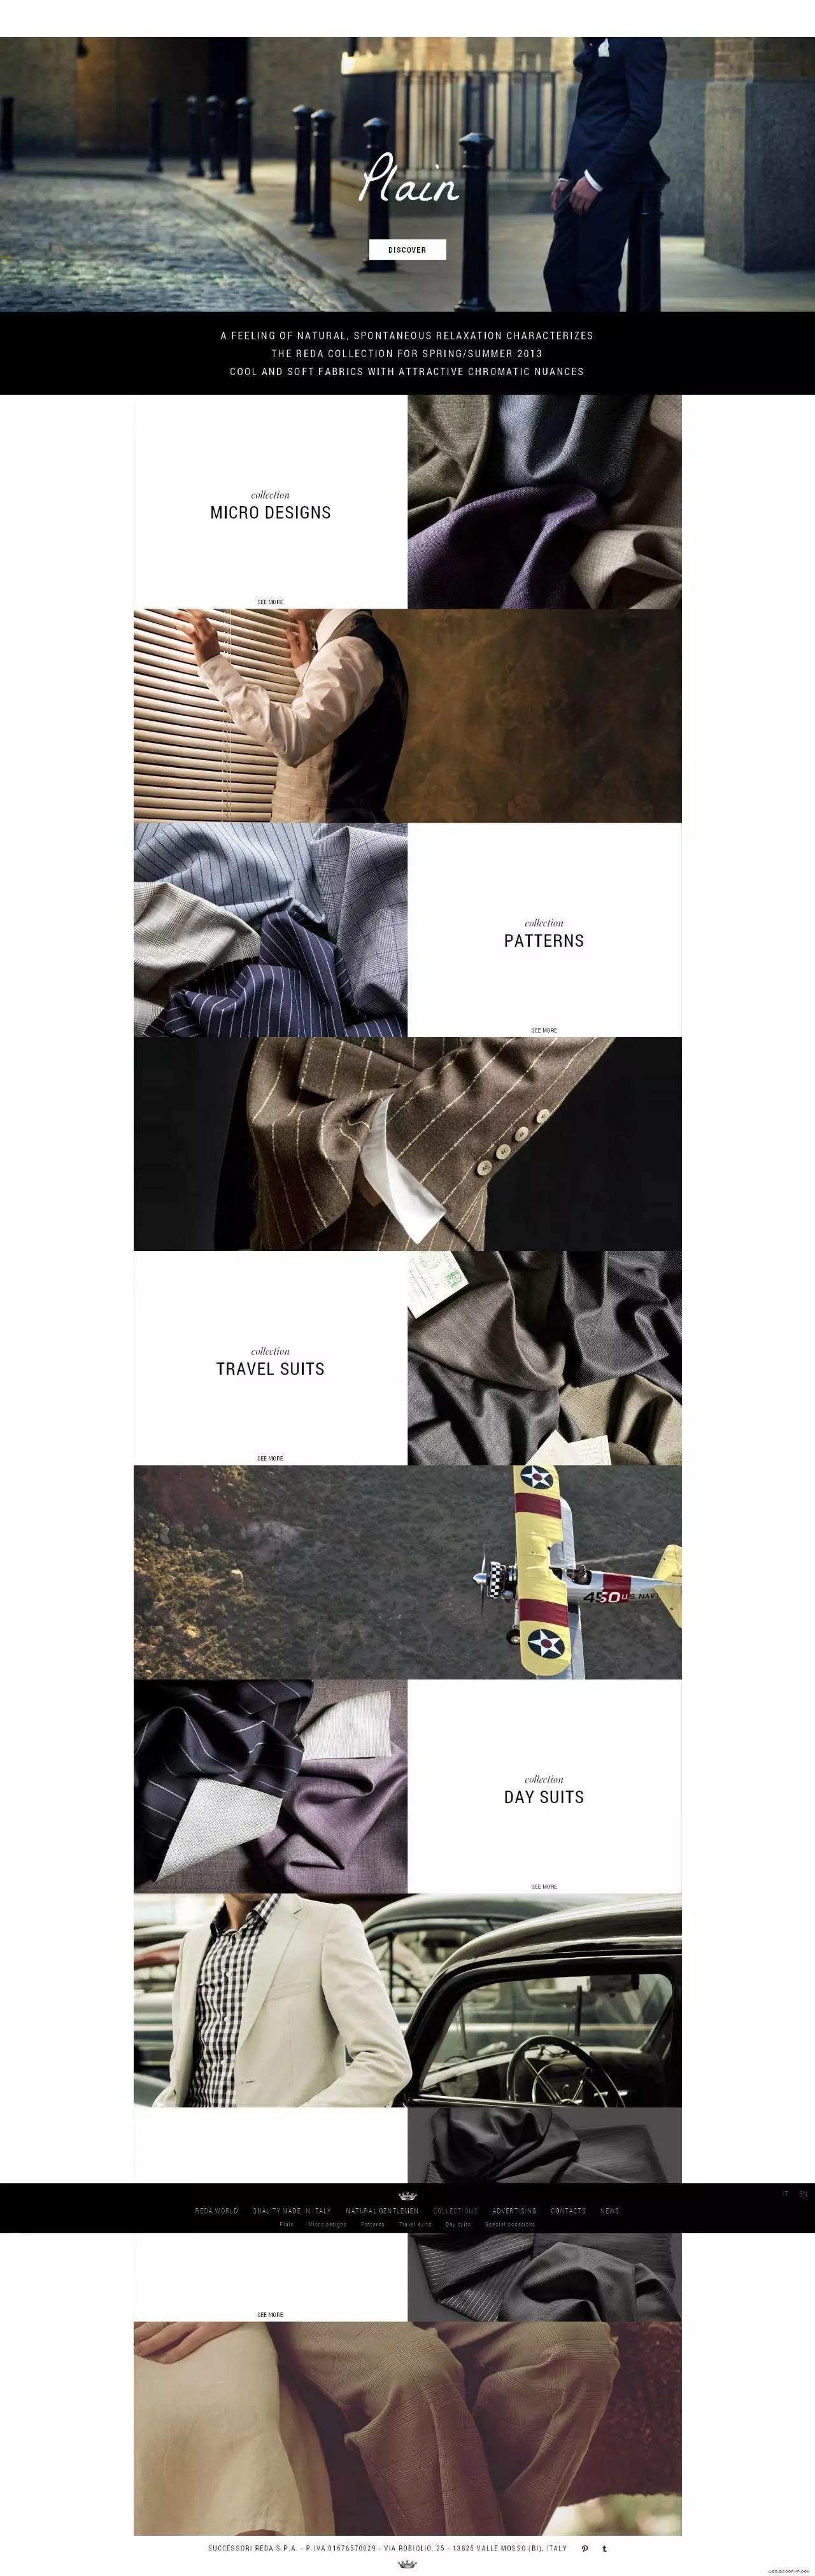 涨姿势!全球十大顶级男装面料合集!你知道几个? 品牌服装知识 第45张